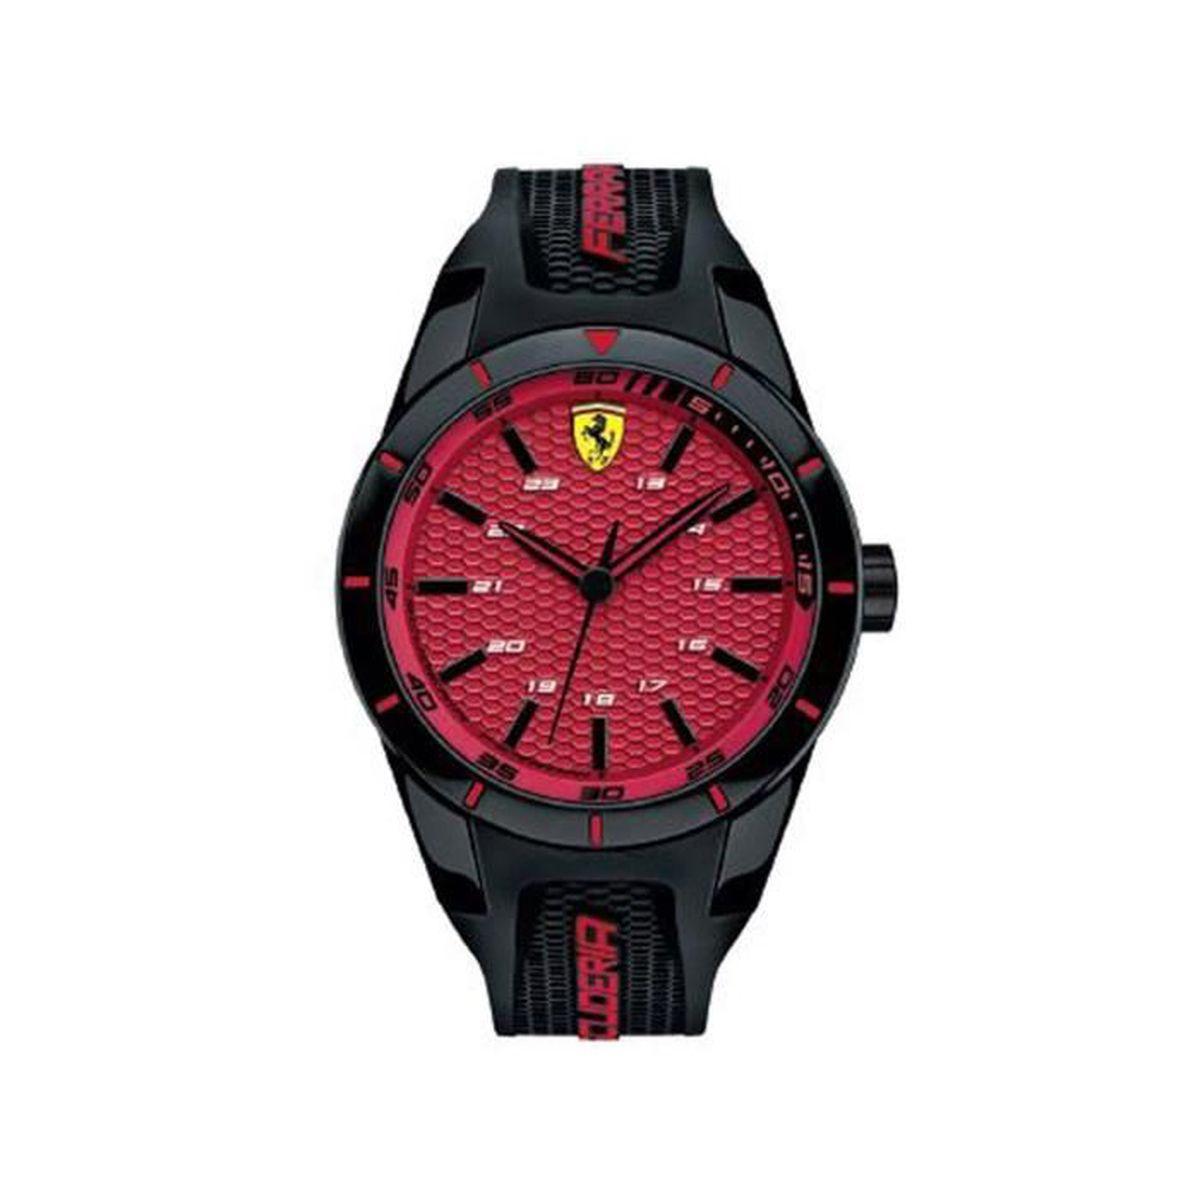 nouveau concept 02e02 82792 Scuderia Ferrari Orologi - 0830248 - Montre Homme - Quartz - Analogique -  Bracelet Silicone noir